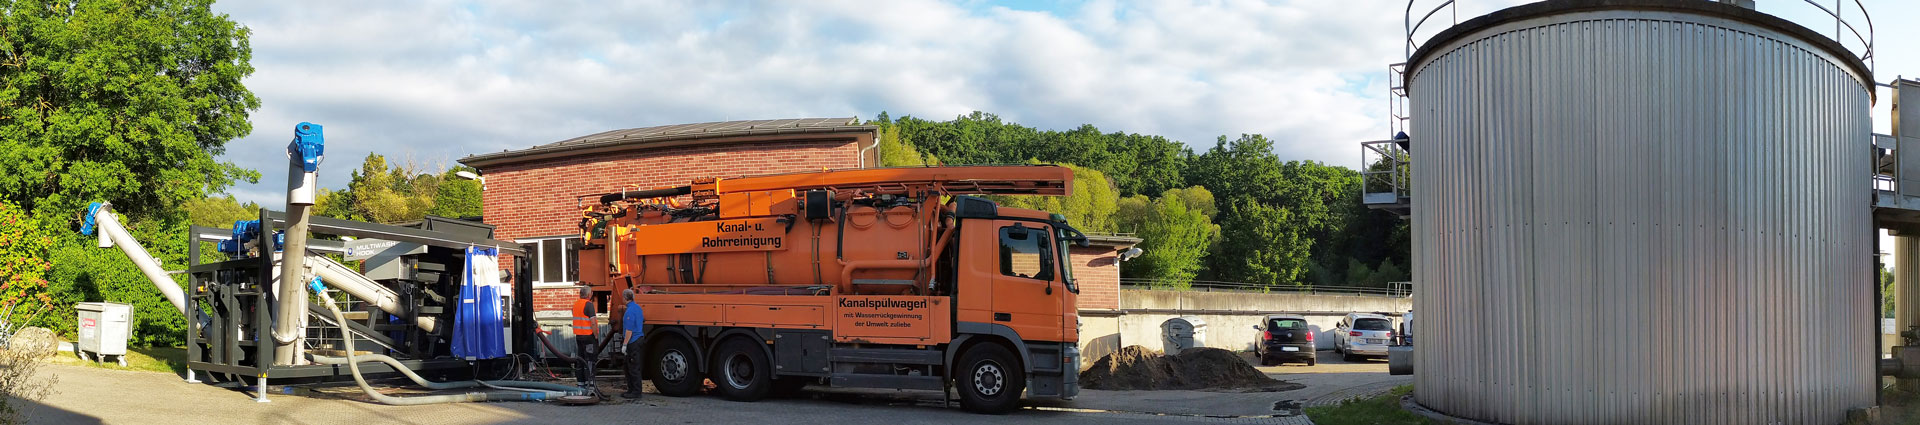 Anlagenbau - Aufbereitung von Kanalsand & Straßenkehricht